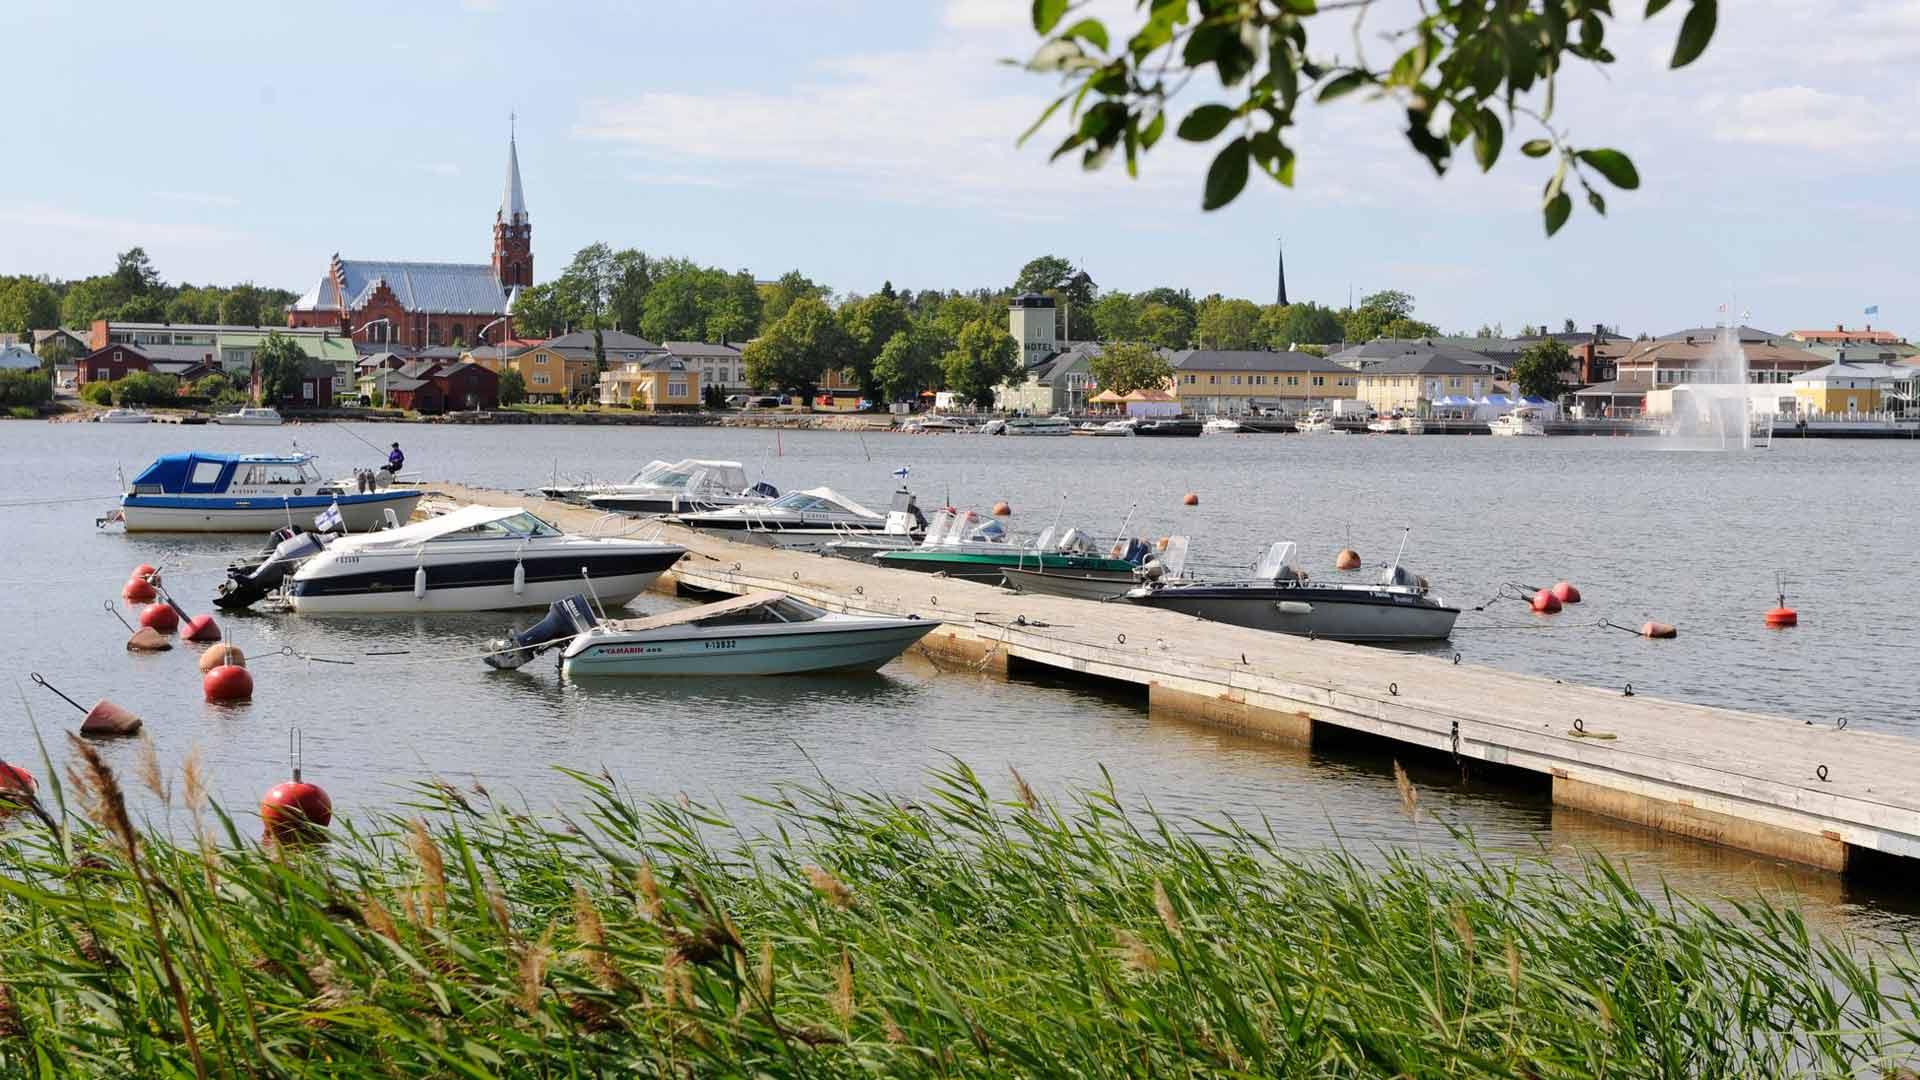 Kaupunginlahdelle vie myös vuokraamon vesijetti, kajakki ja suplauta. Suuntaa niillä uimarannoille.